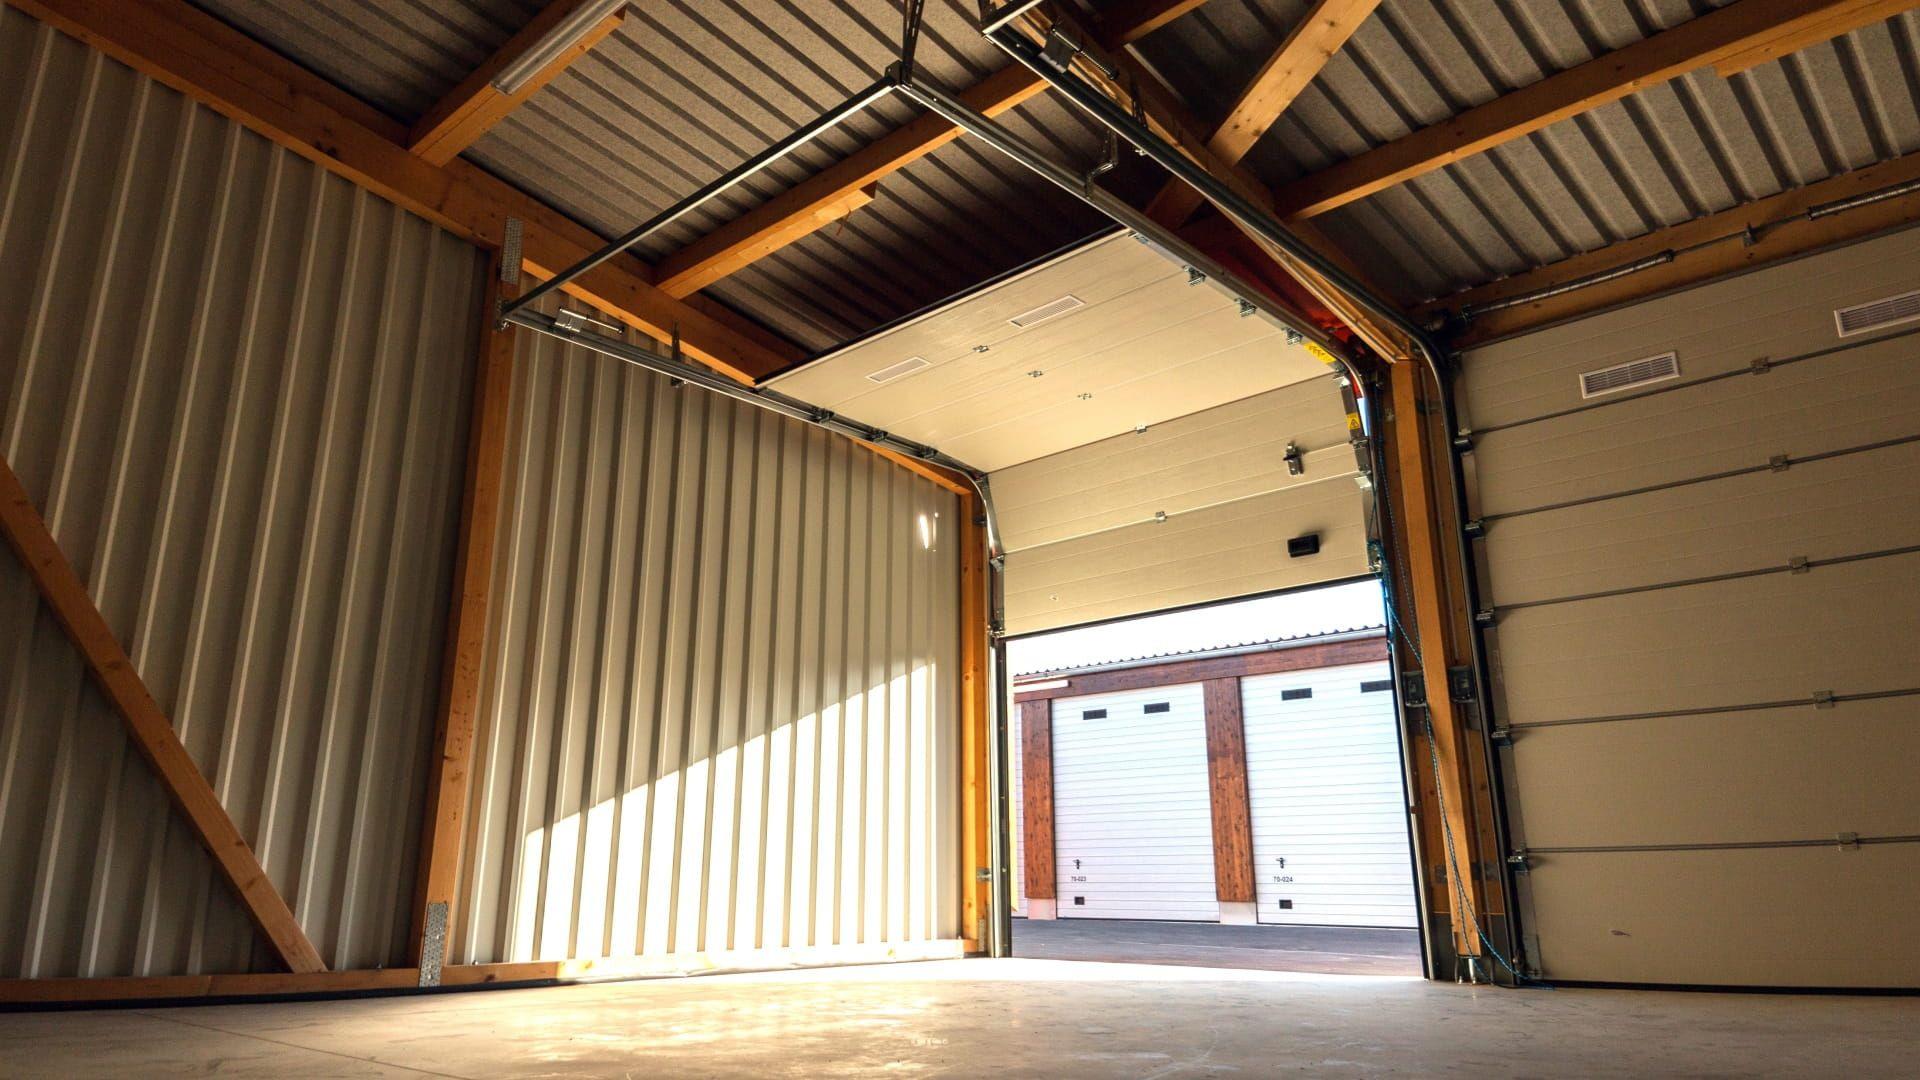 Garage Mieten  15 Großartig Lager Garage Mieten Düsseldorf HausIdeen